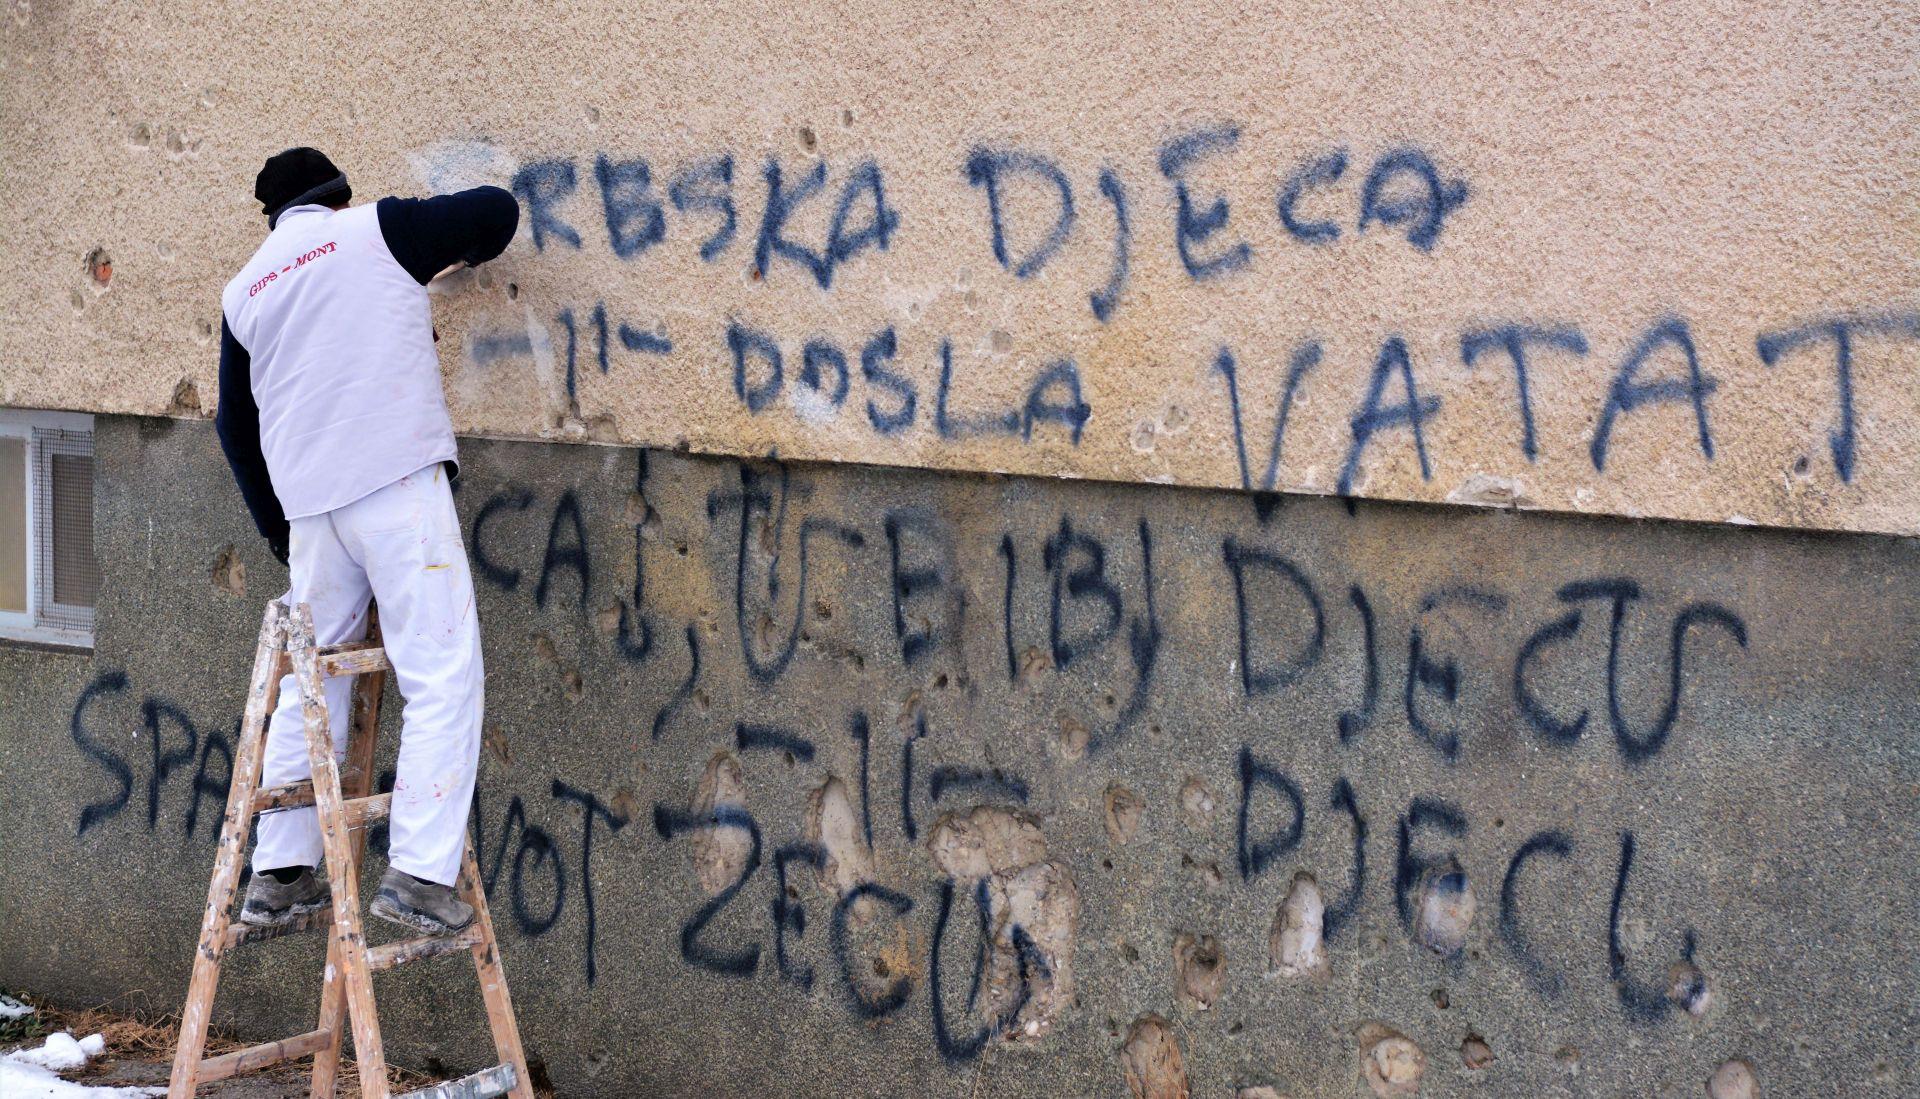 Uklonjen grafit u Karlovcu koji poziva na ubojstvo djece